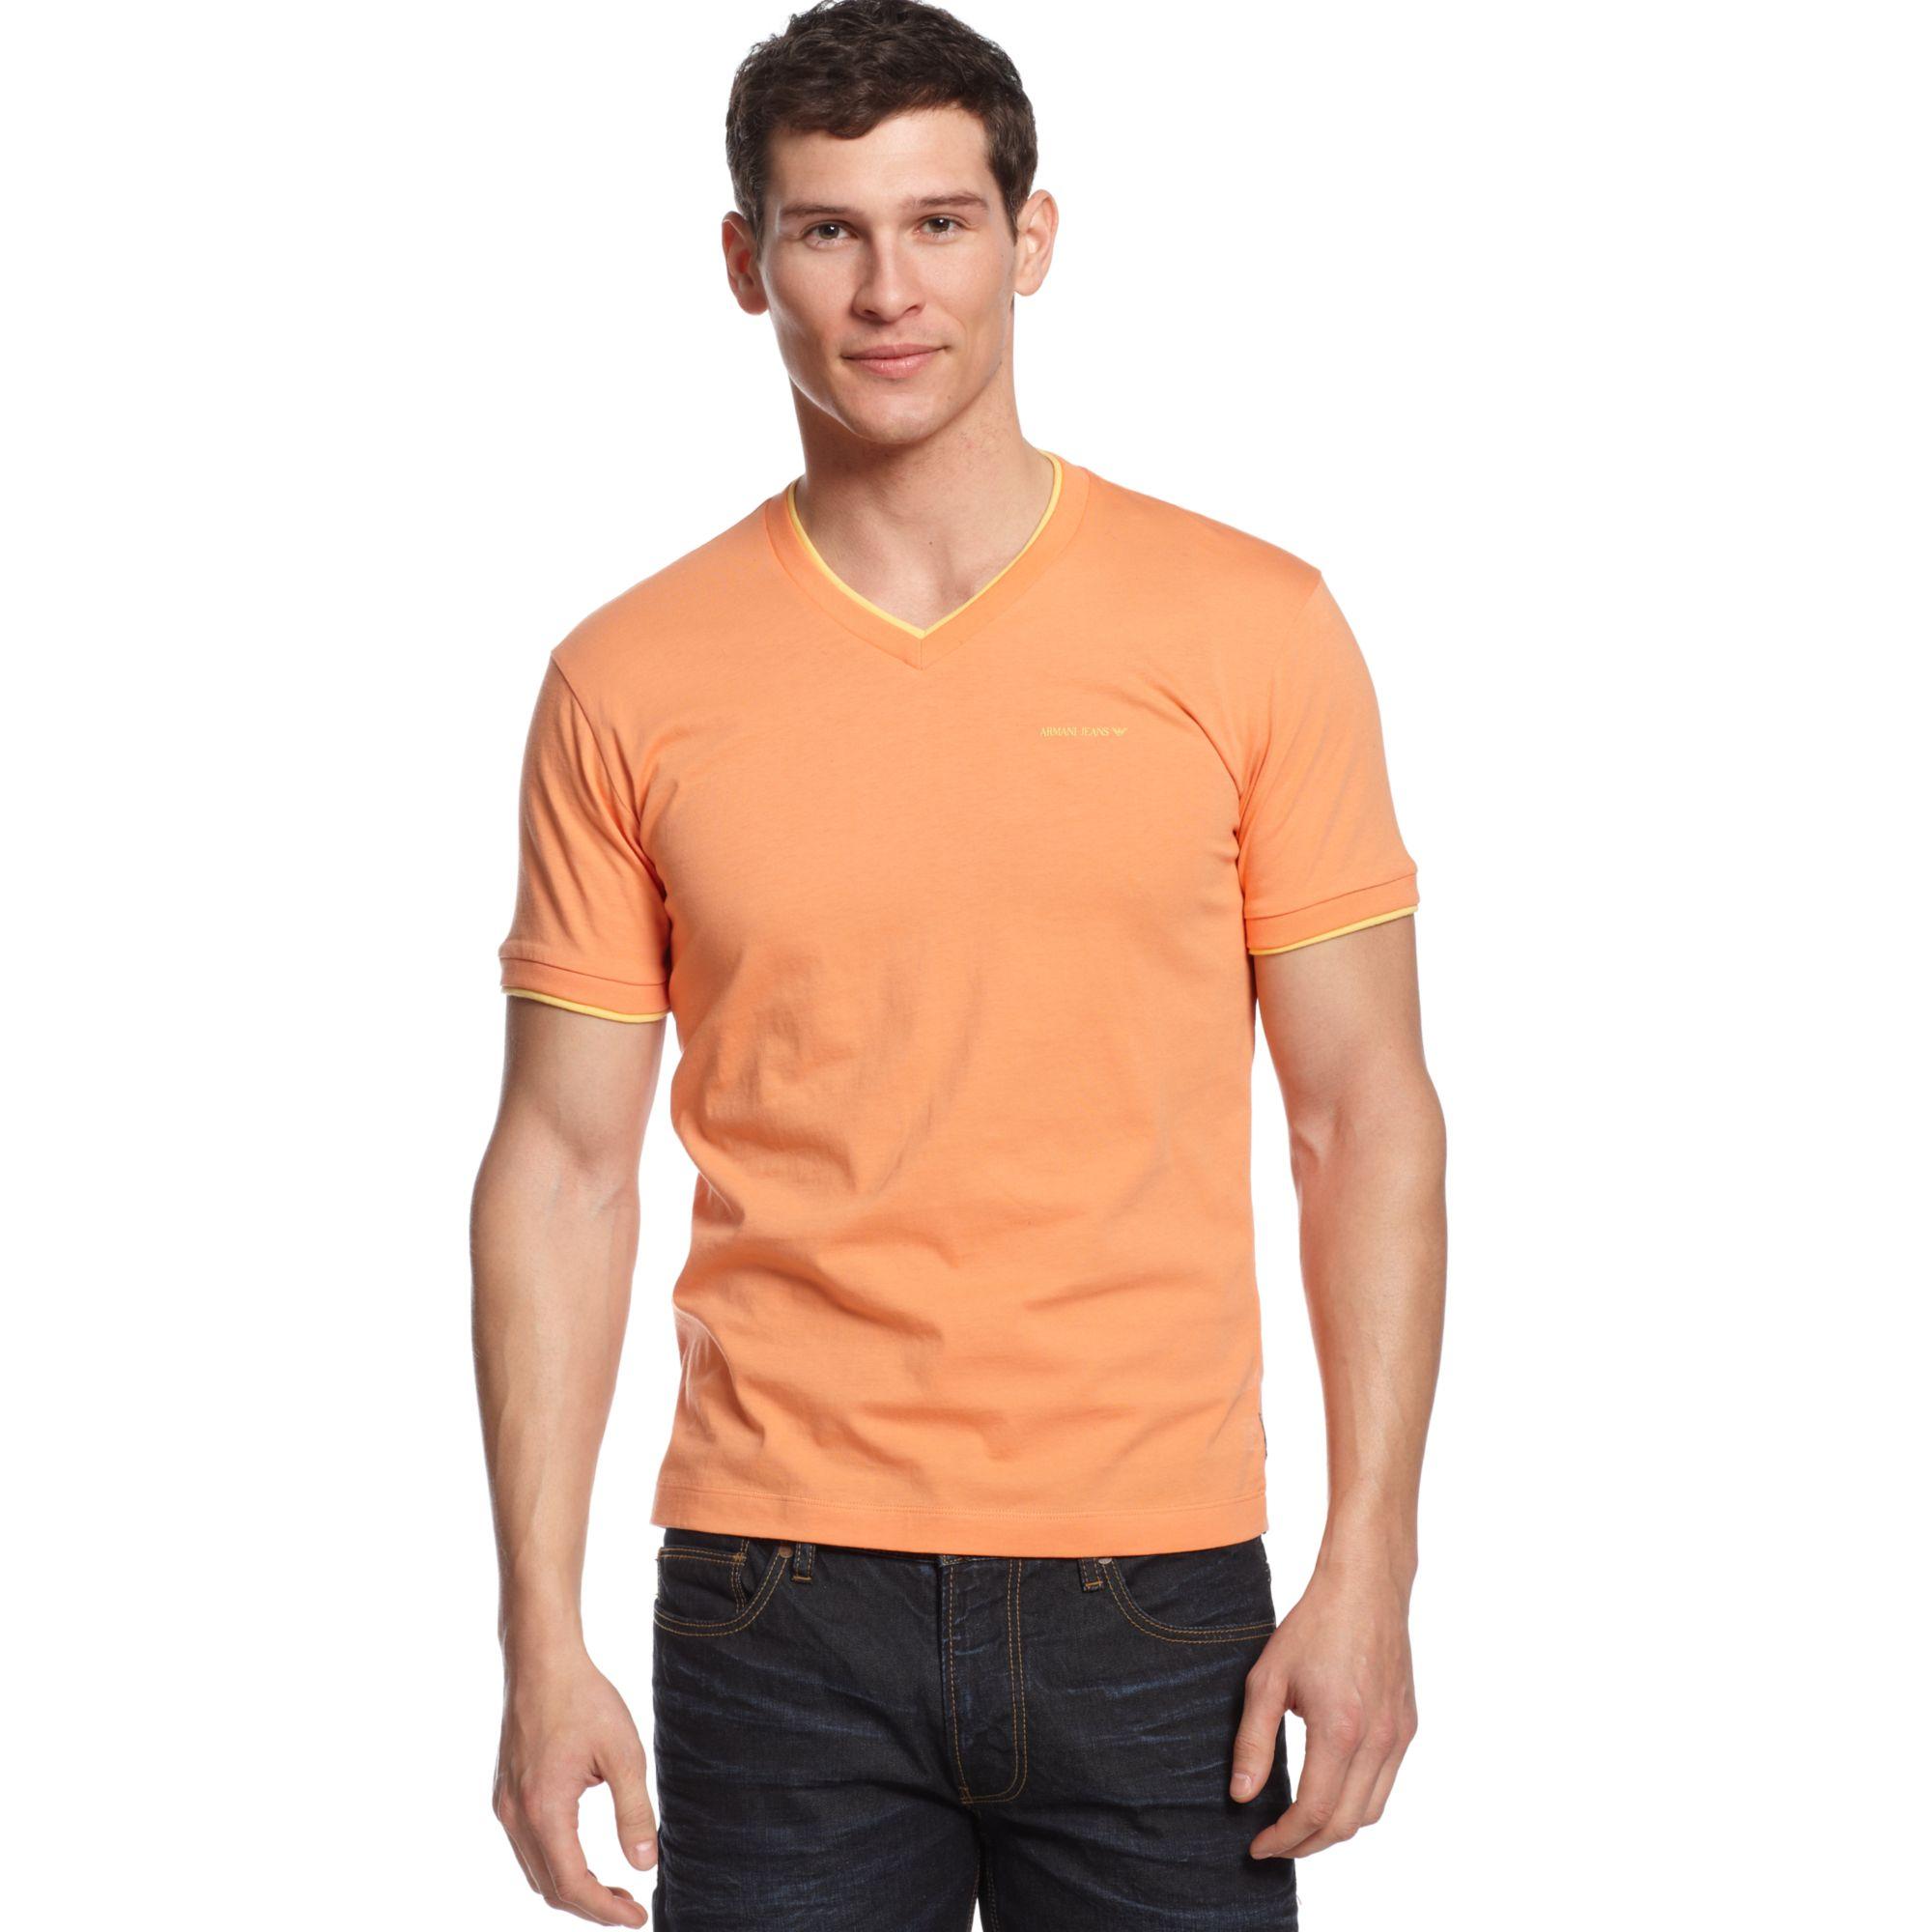 armani jeans doublelayer vneck tshirt in orange for men lyst. Black Bedroom Furniture Sets. Home Design Ideas